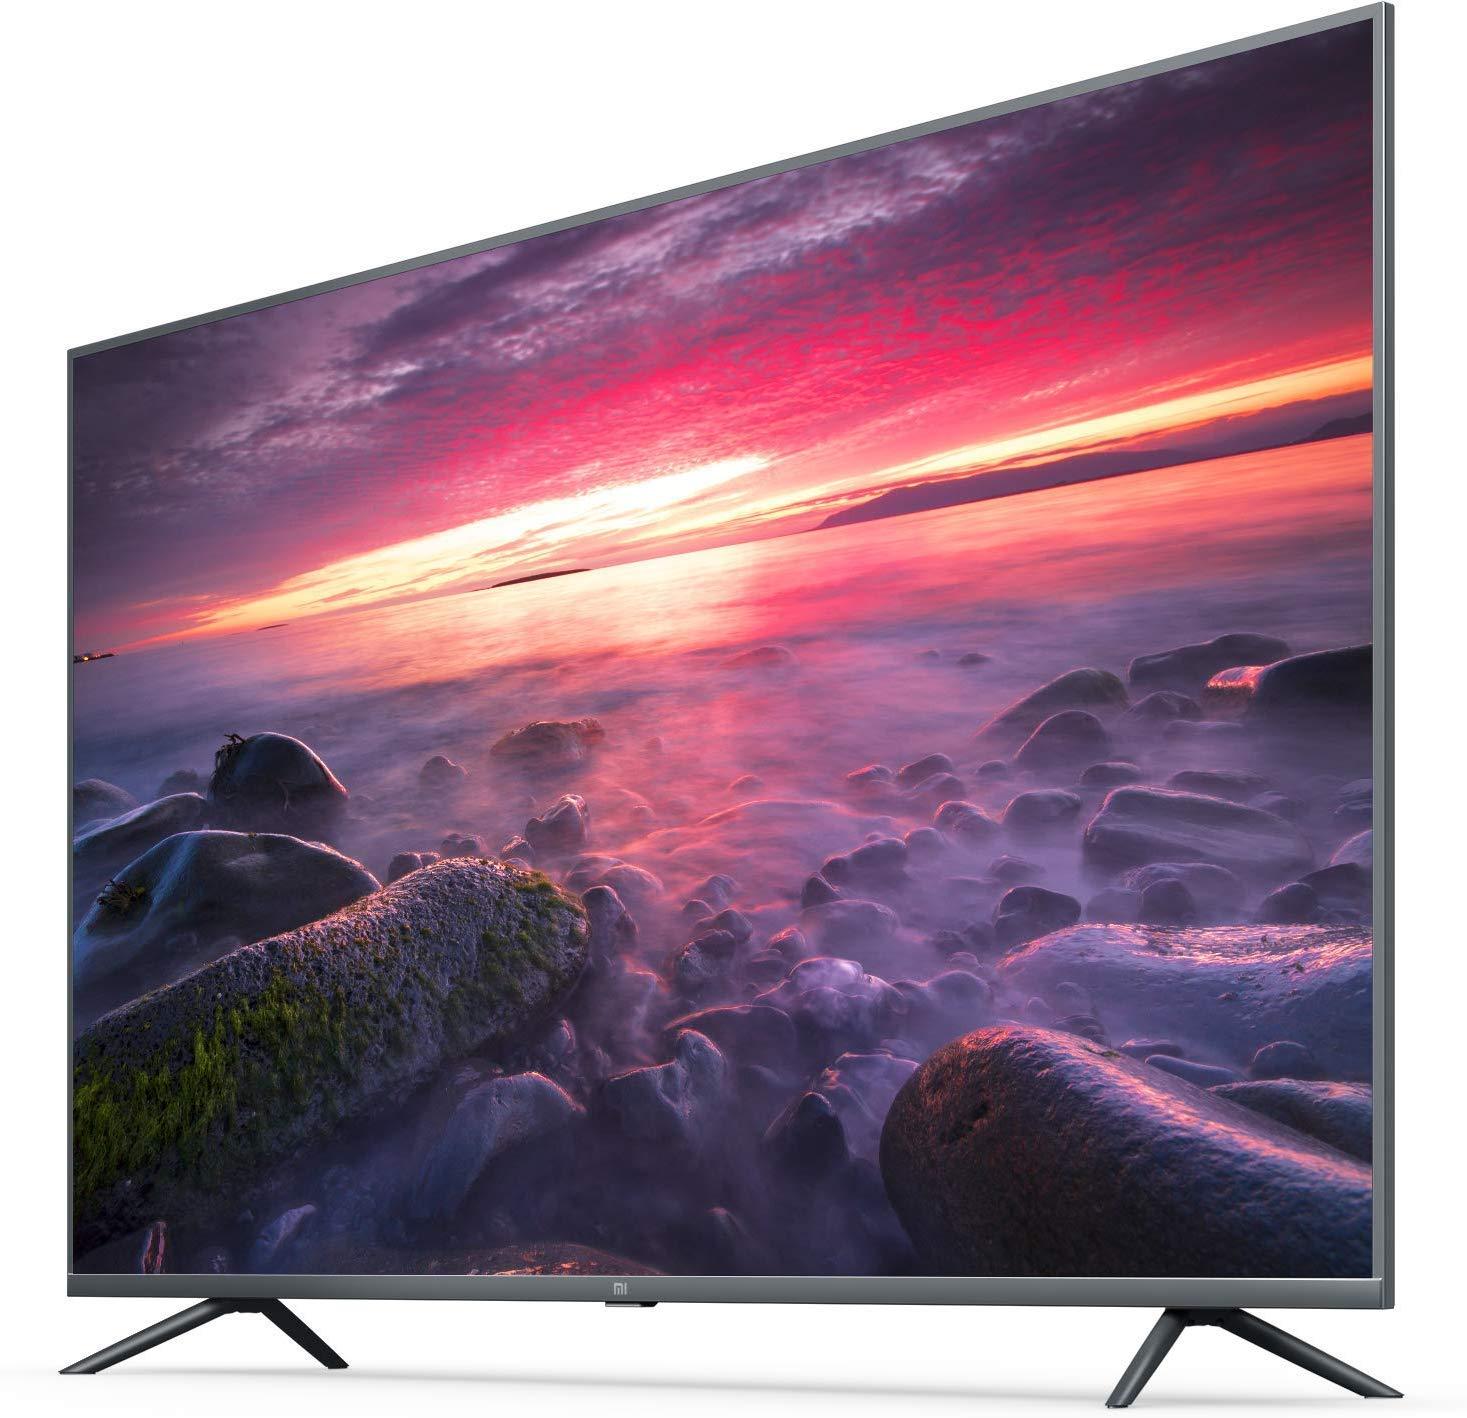 """טלוויזיה חכמה 55"""" UHD-4K שיאומי Xiaomi דגם L55M5-5ASP"""